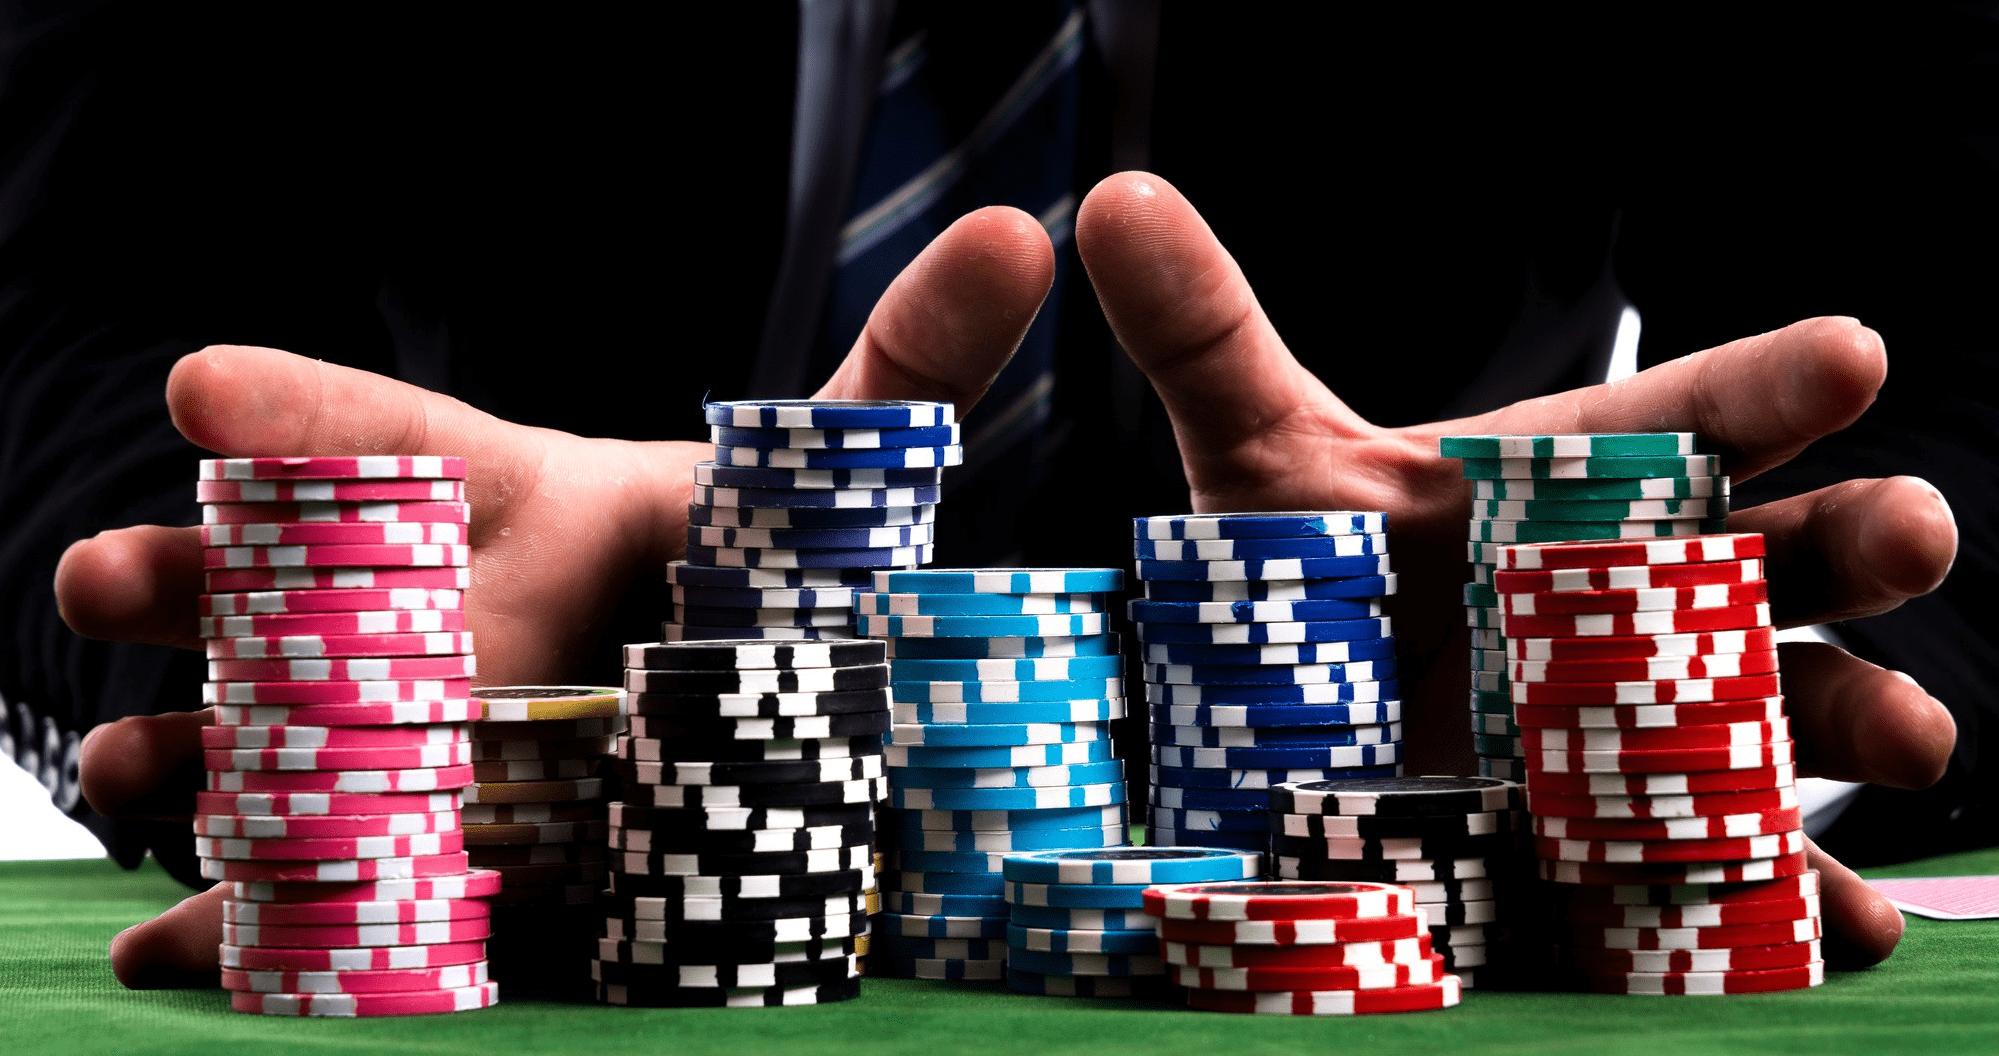 Top 5 Biggest Gambling Losses